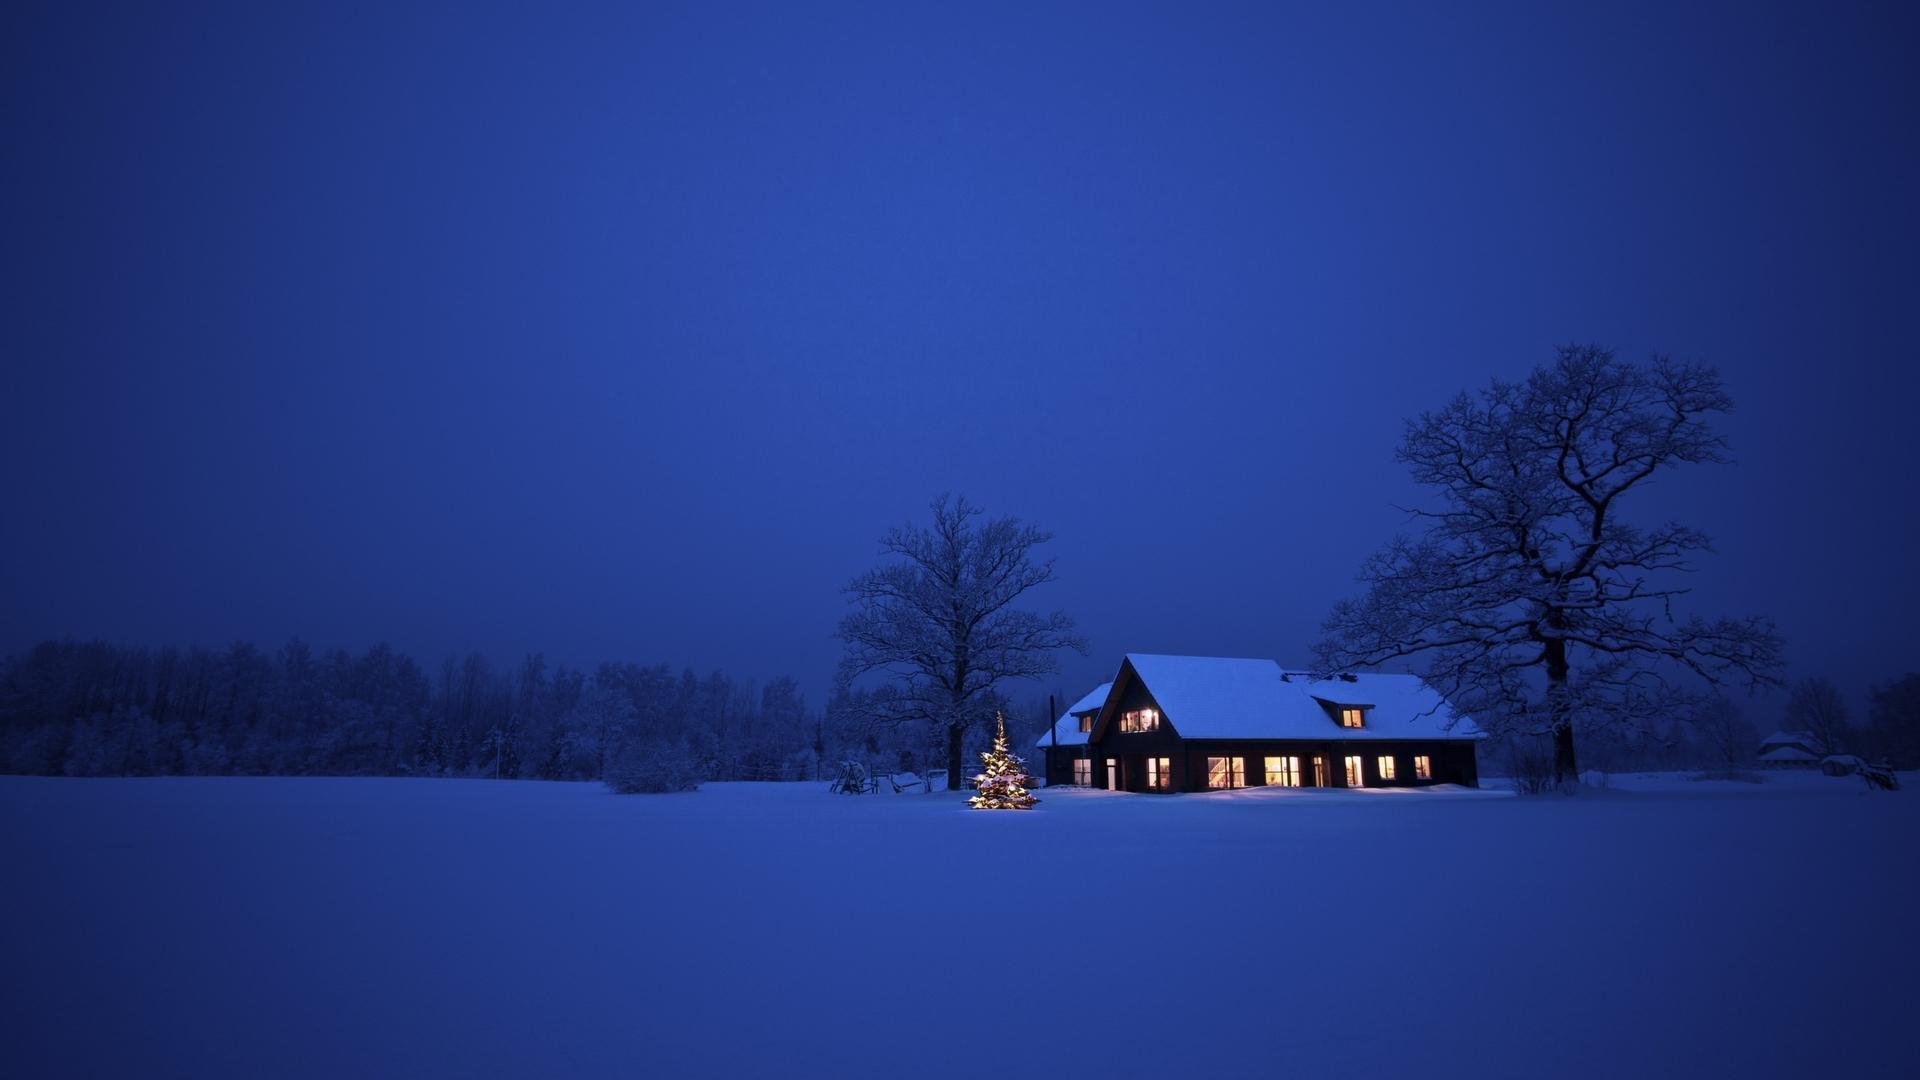 冬天夜晚飘雪梦幻图片:冬天下雪夜晚图片